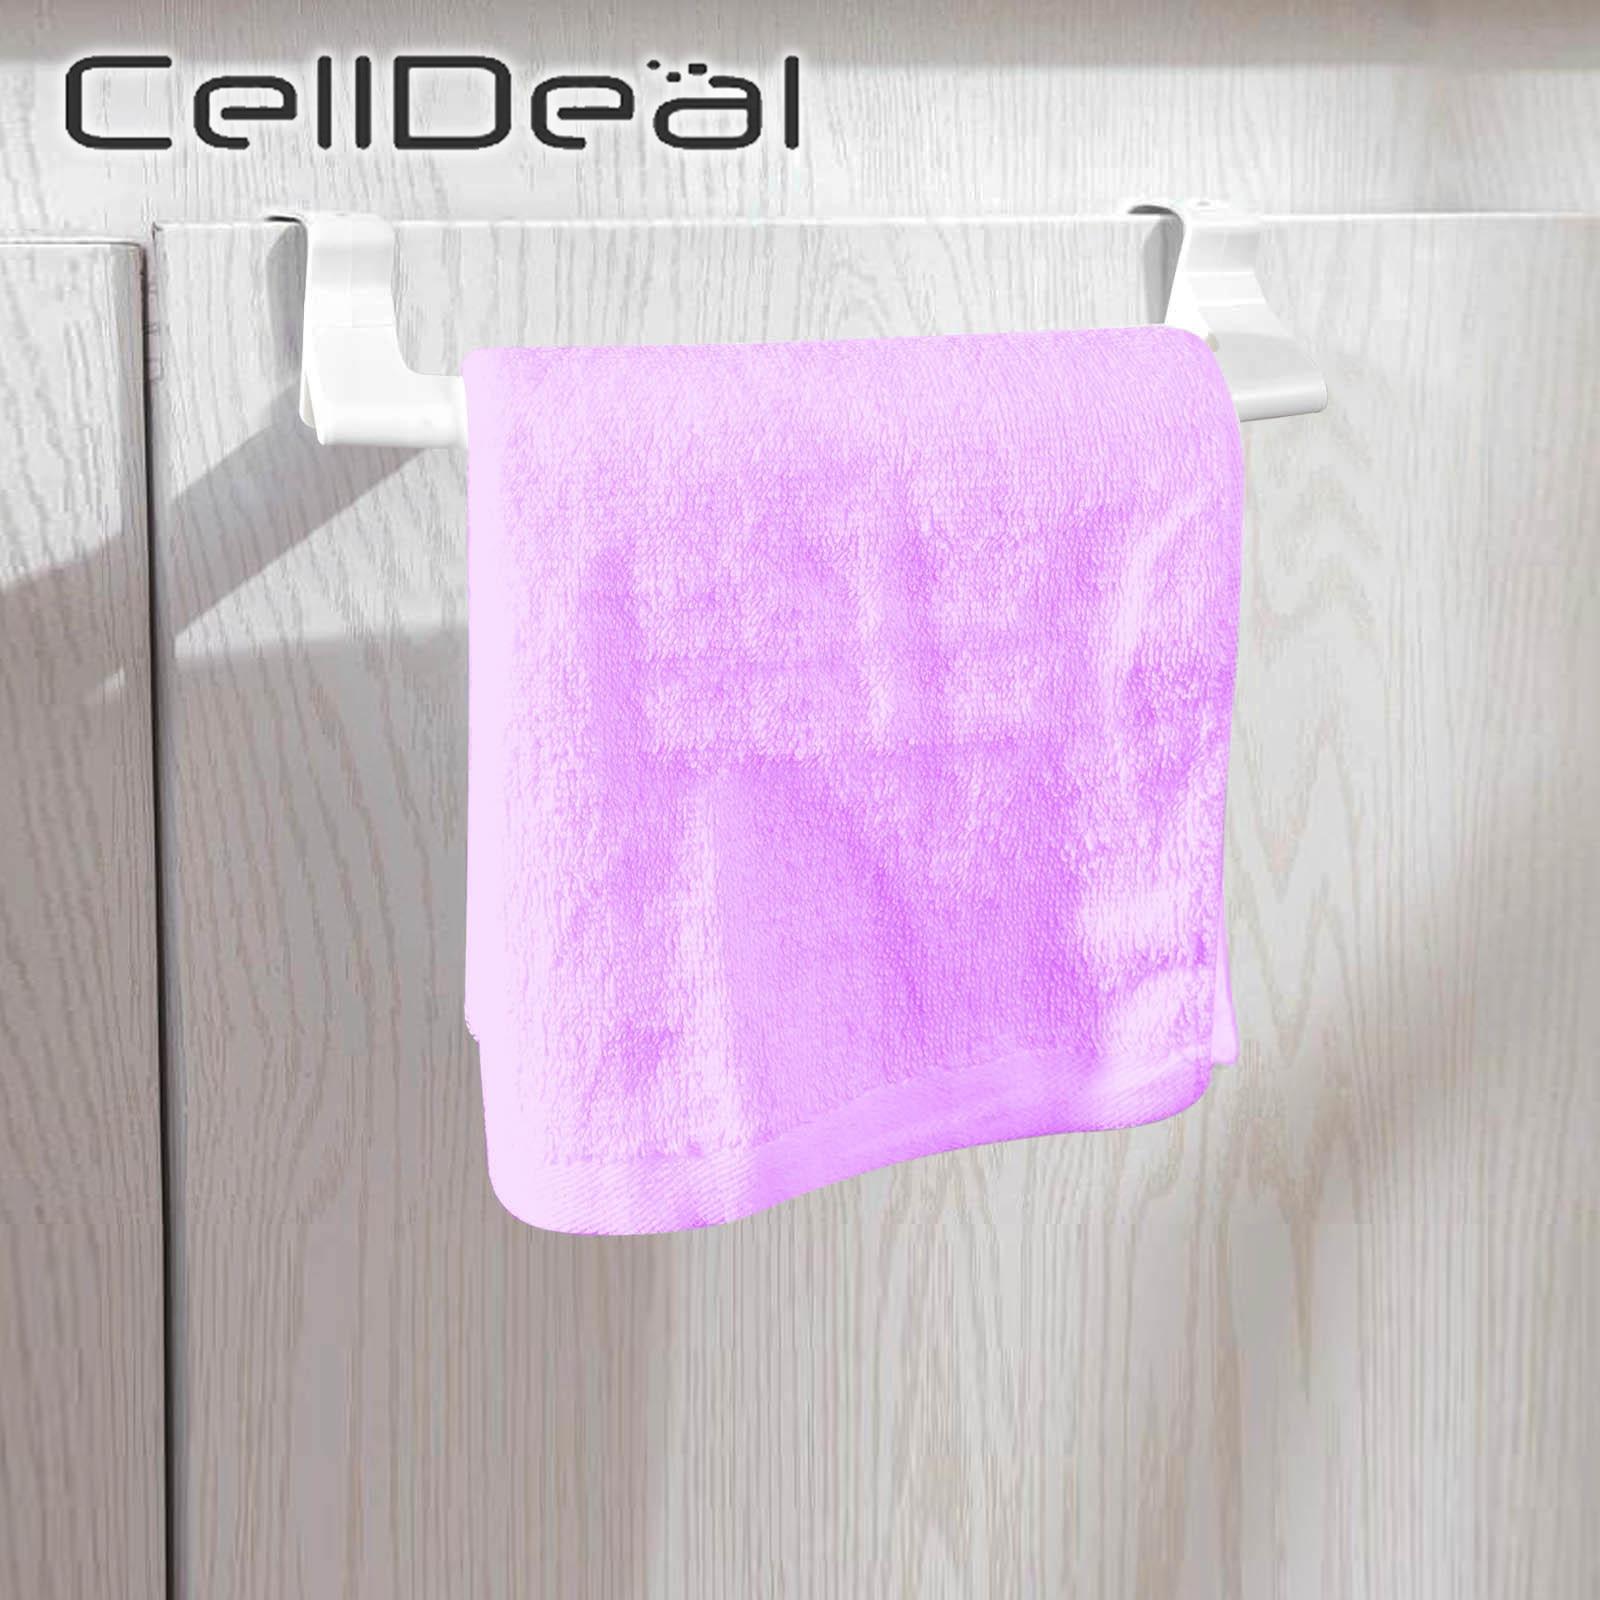 Вешалка для полотенец над дверью, вешалка для полотенец, подвесной держатель, органайзер, вешалка для ванной, кухни, шкафа, полка, удобный де...